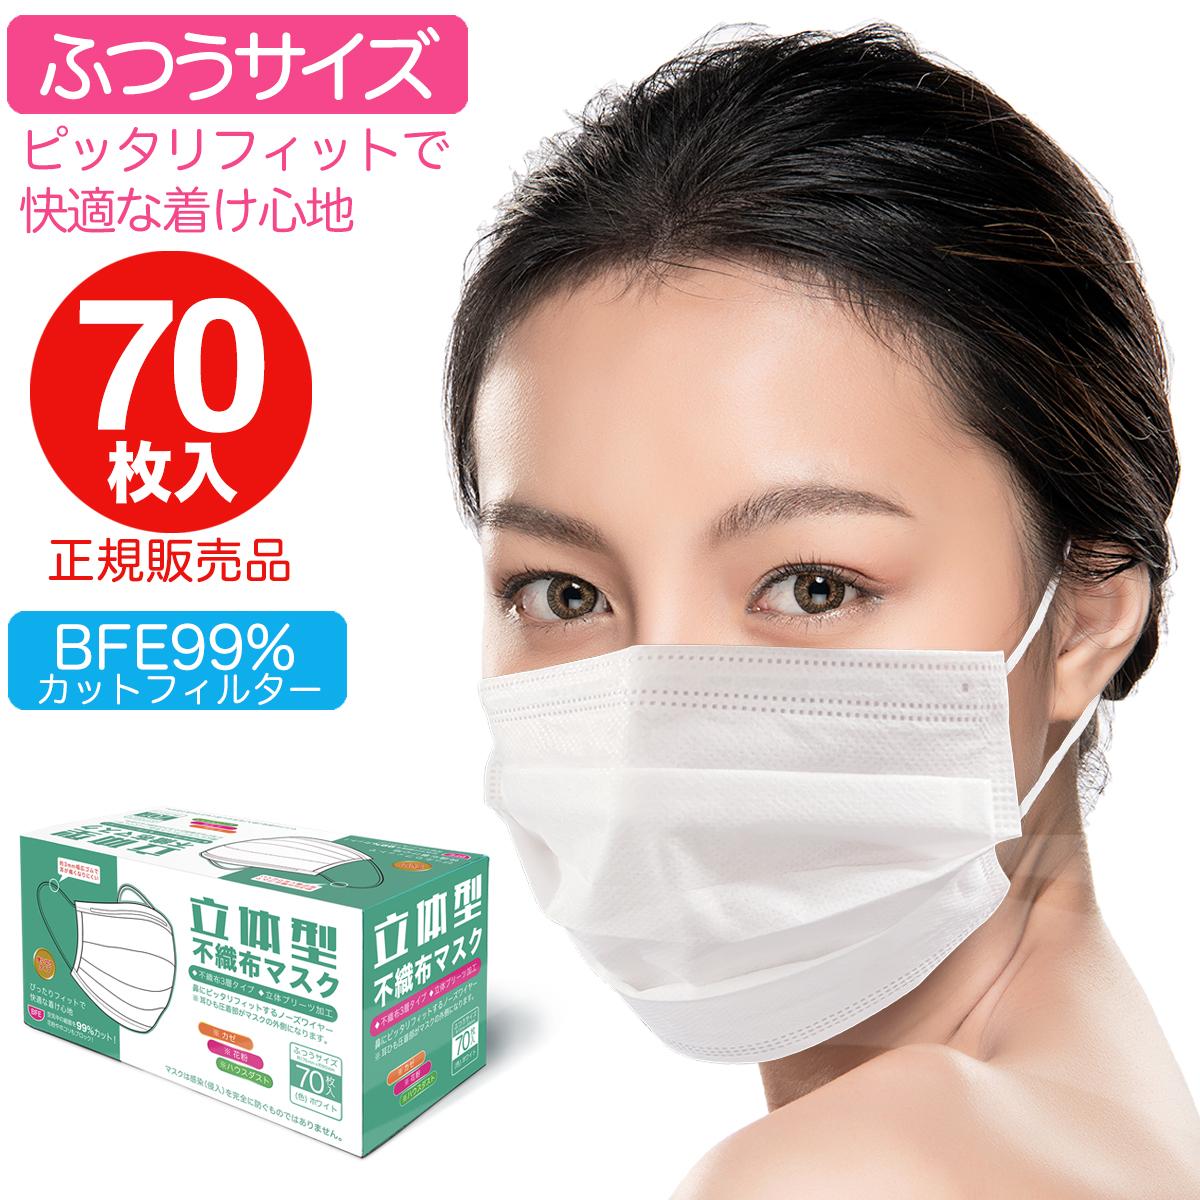 マスク 箱 値引き 在庫あり不織布マスク フィルター BFE99%カット PFE PM2.5 ウイルス対応 pm2.5 2020 新作 使い捨てマスク エアロゾル対応 VFE 70枚 ウイルス対策 不織布マスク VEF国内発送 サージカルマスク 国内 ふつうサイズ おすすめ BFE 在庫あり